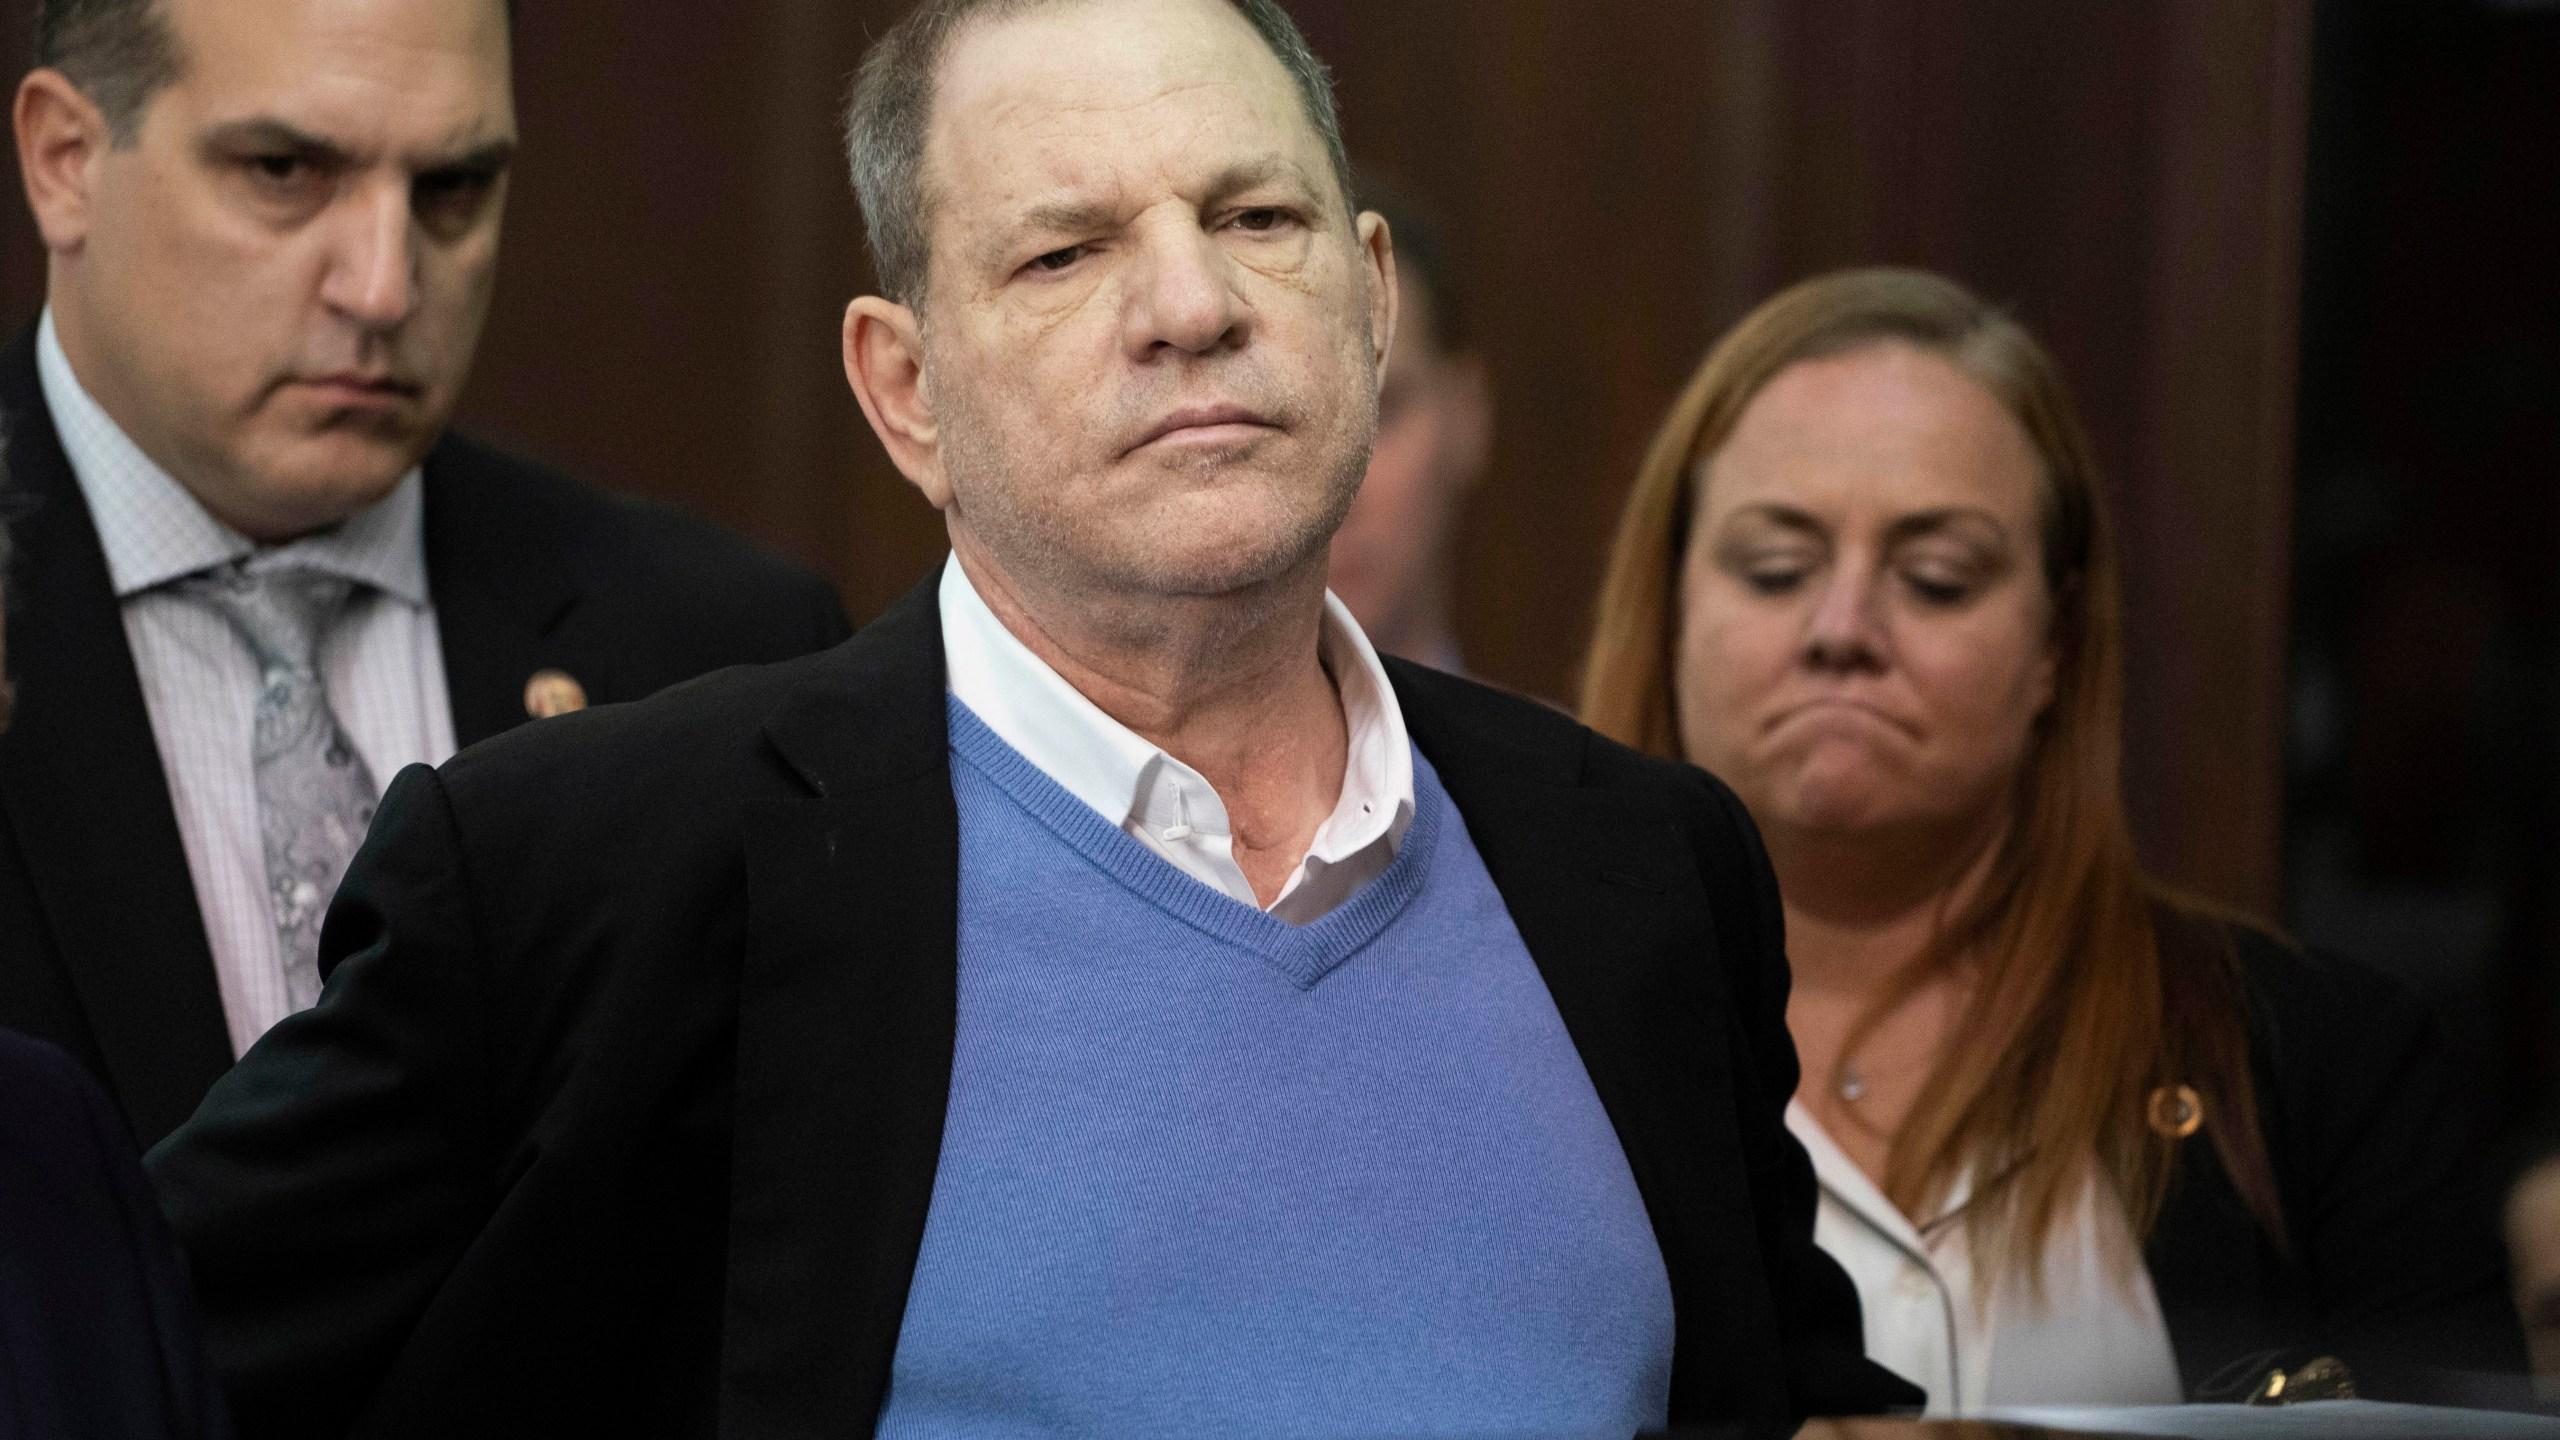 Sexual_Misconduct_Harvey_Weinstein_34159-159532.jpg31017521